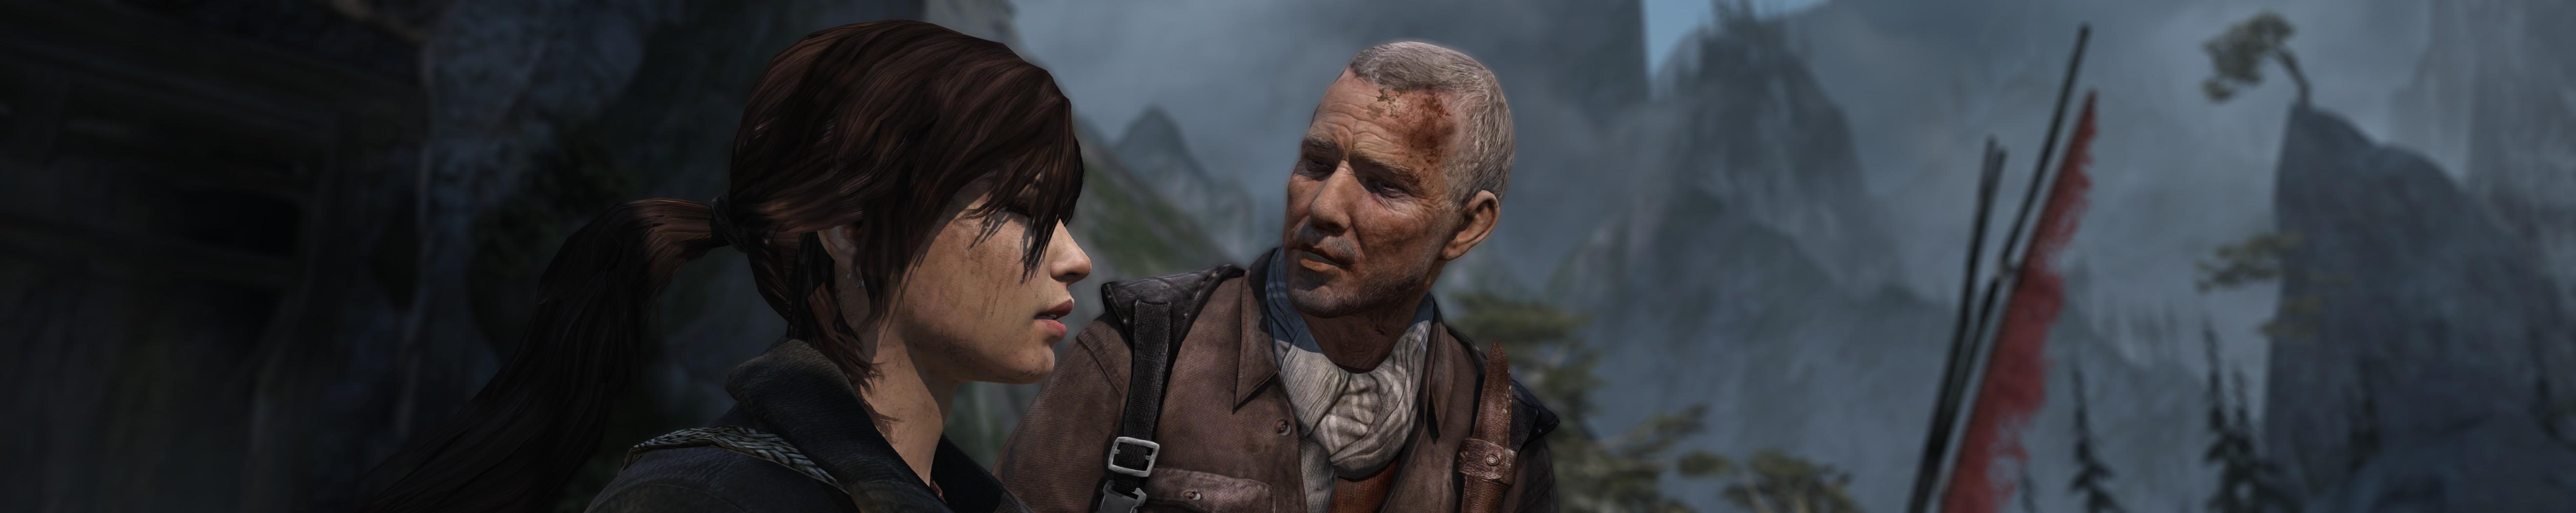 Das neue Tomb Raider setzt verstärkt auf Story-Szenen